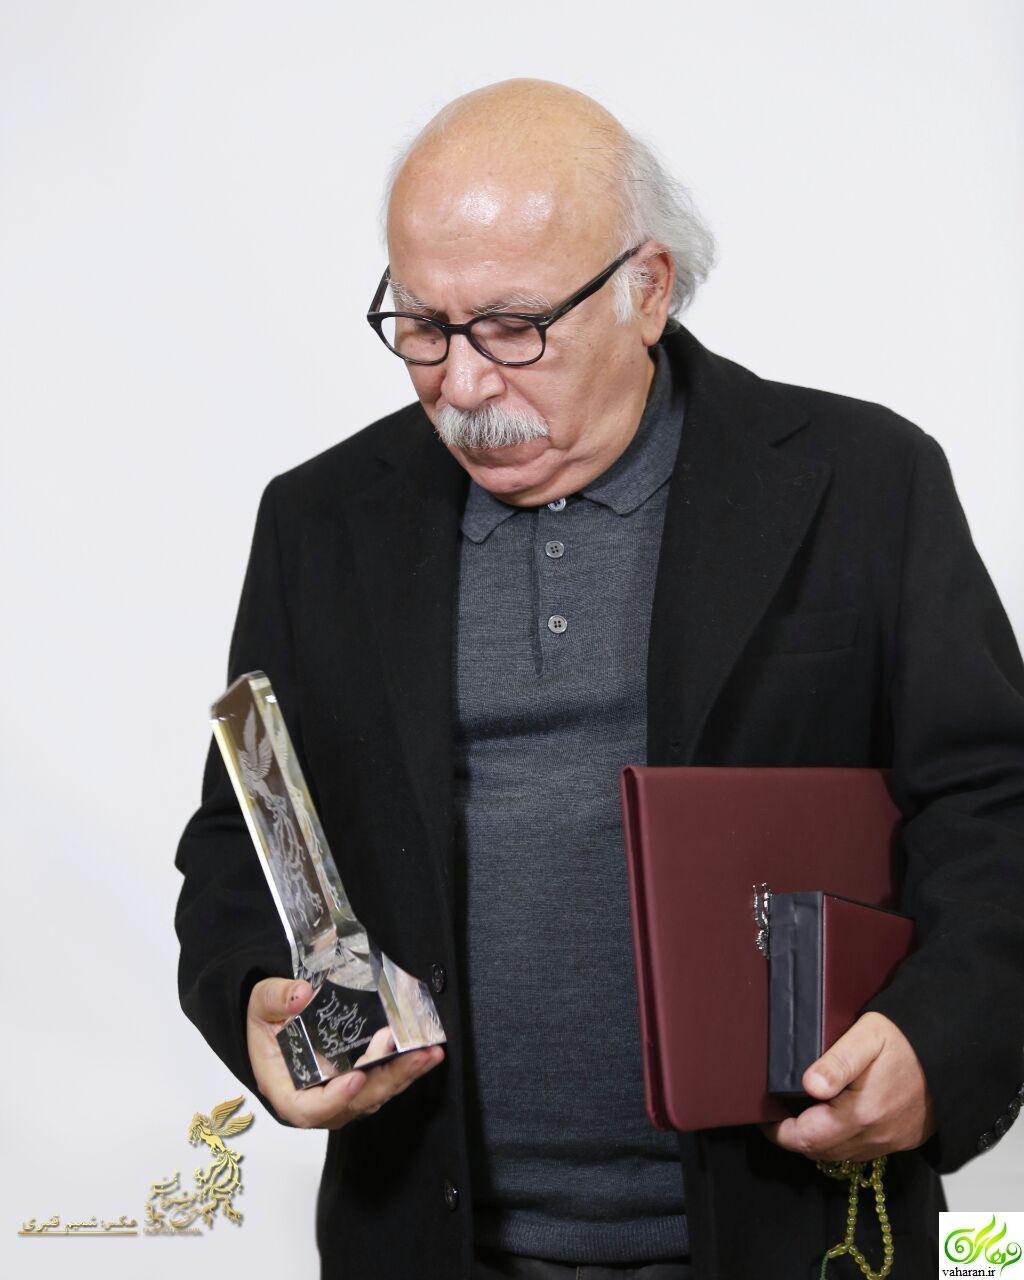 اسامی برندگان جشنواره فجر 95 + عکس های اختتامیه جشنواره فجر 35